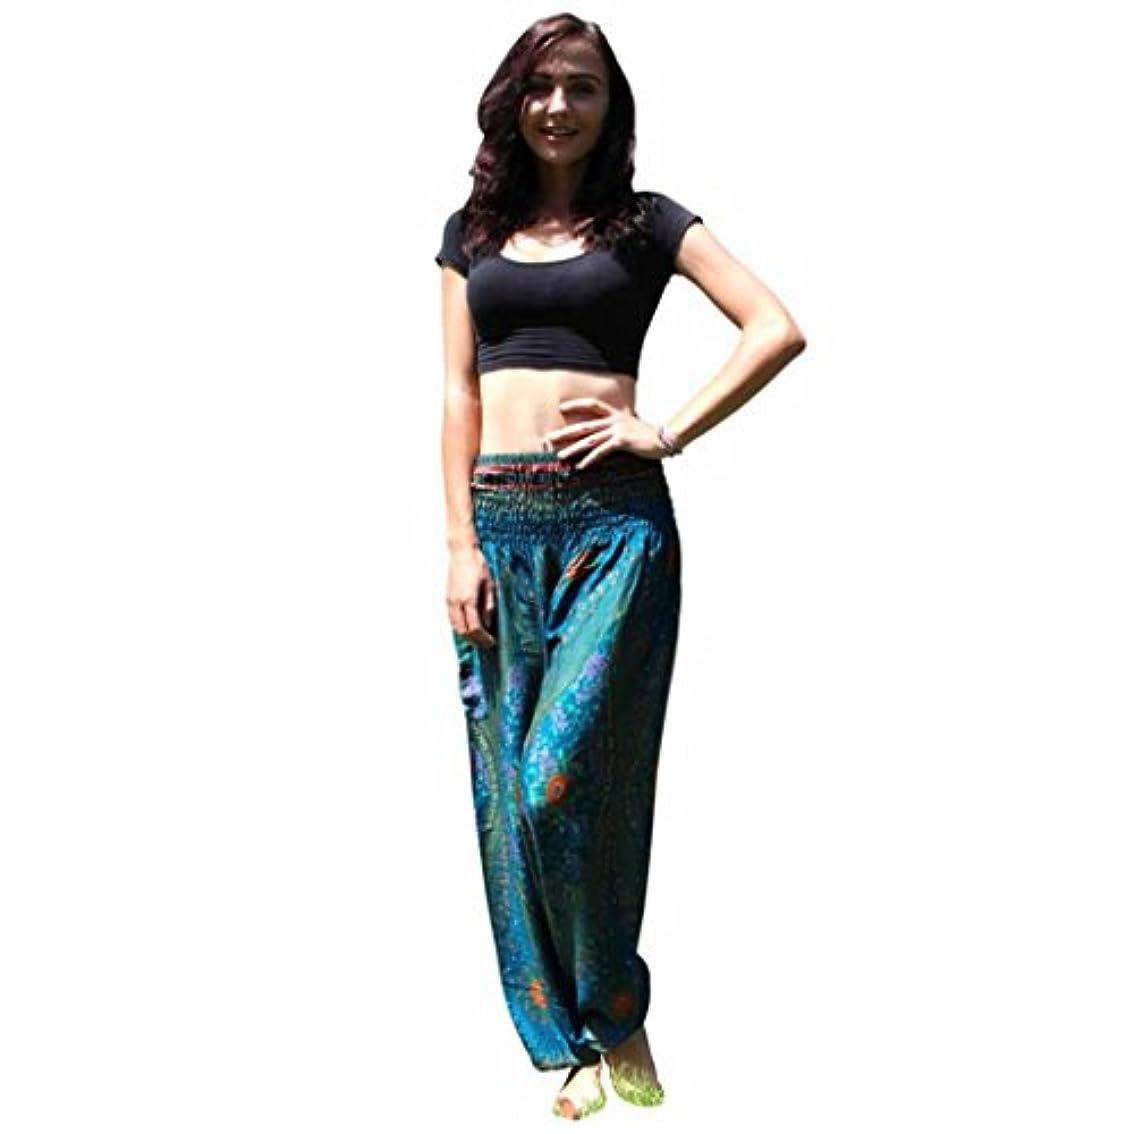 ジョージエリオットトランスミッションすみませんMhomzawa パンツ男性女性タイのハレムのズボンフェスティバルヒッピーのスモックハイウエストのパンツのタイハーレムヨガ?パンツ